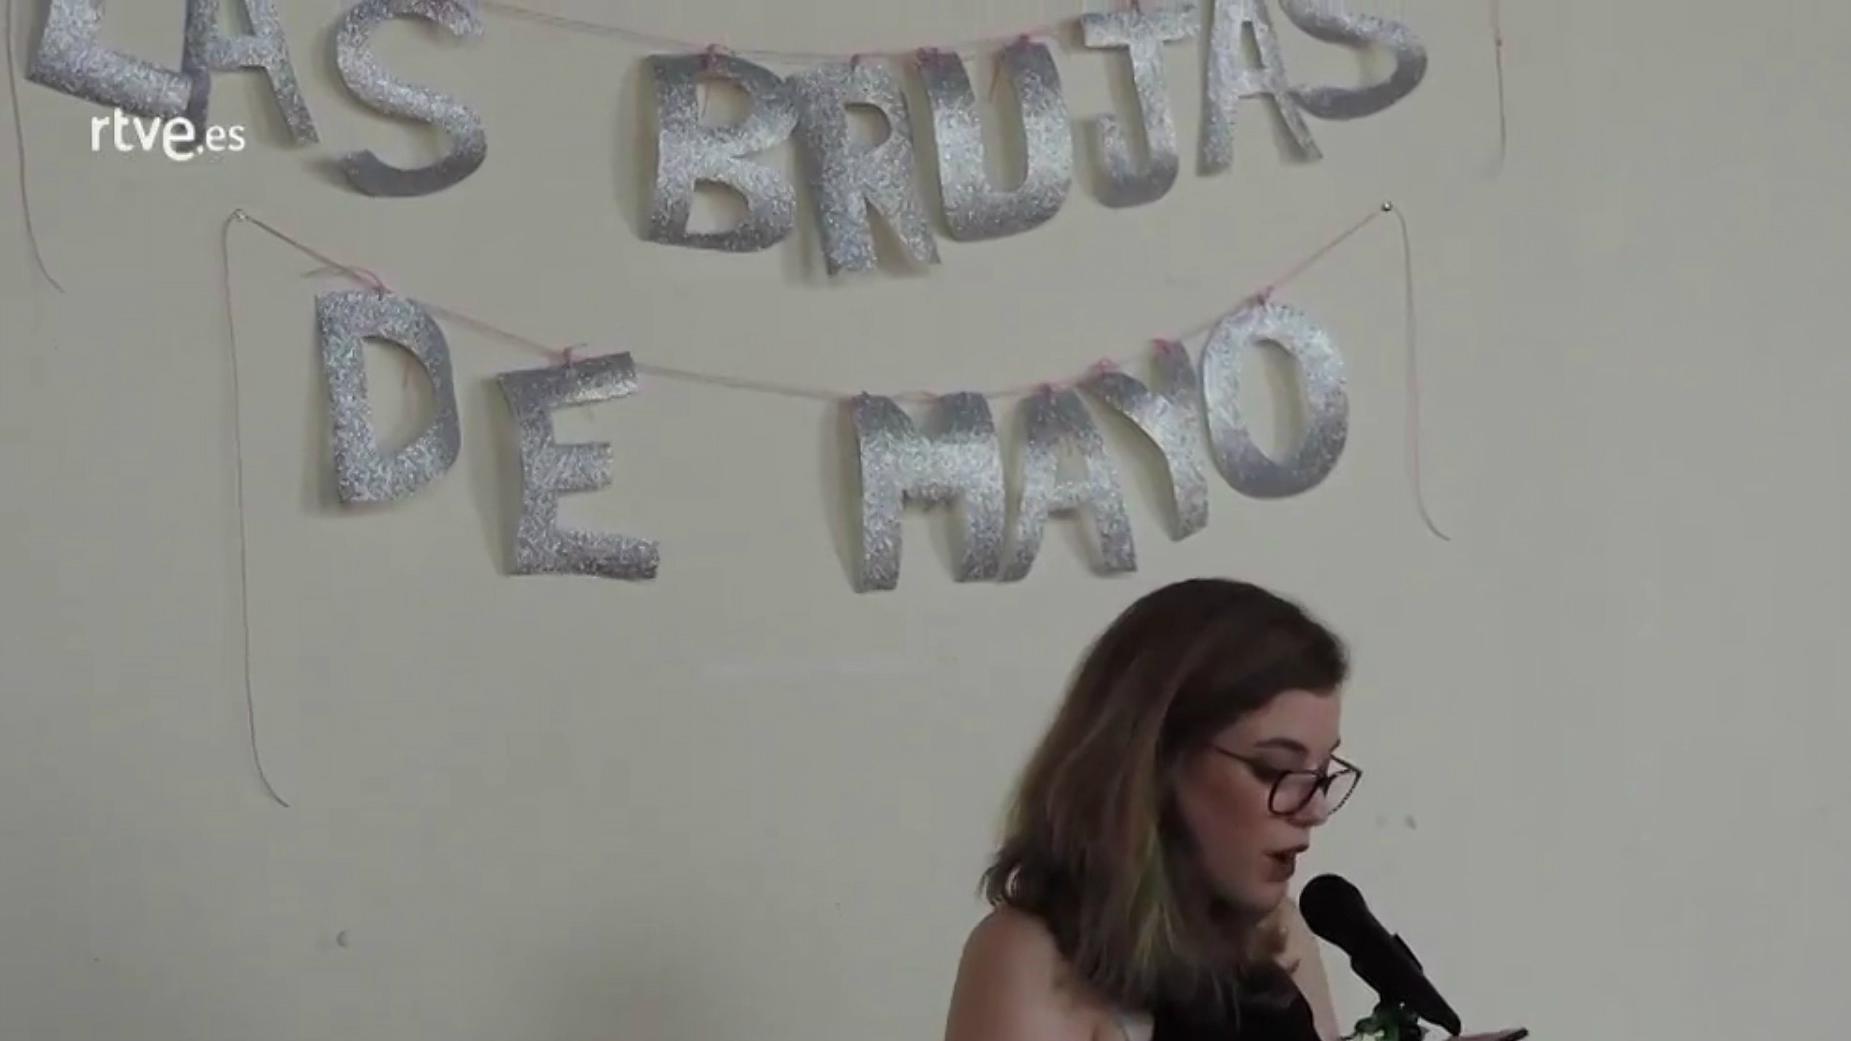 Procesadora #58 - Las brujas de mayo. Poesía feminista